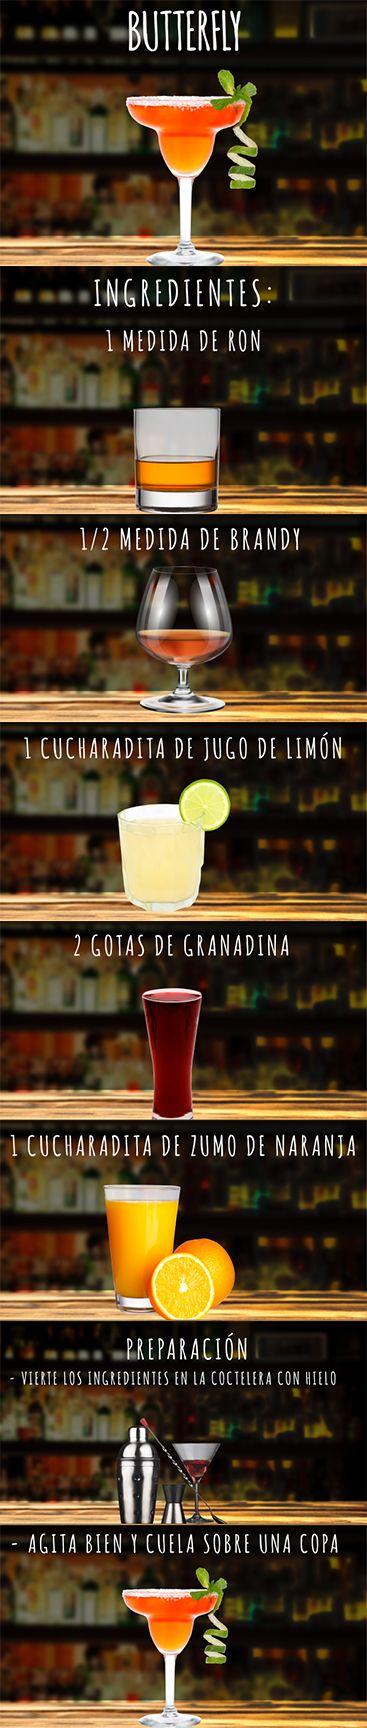 Dale RT si tu plan de fin de semana será este delicioso  Butterfly #DateElGusto #bebidas #cocteles #recetas #hazlotúmismo